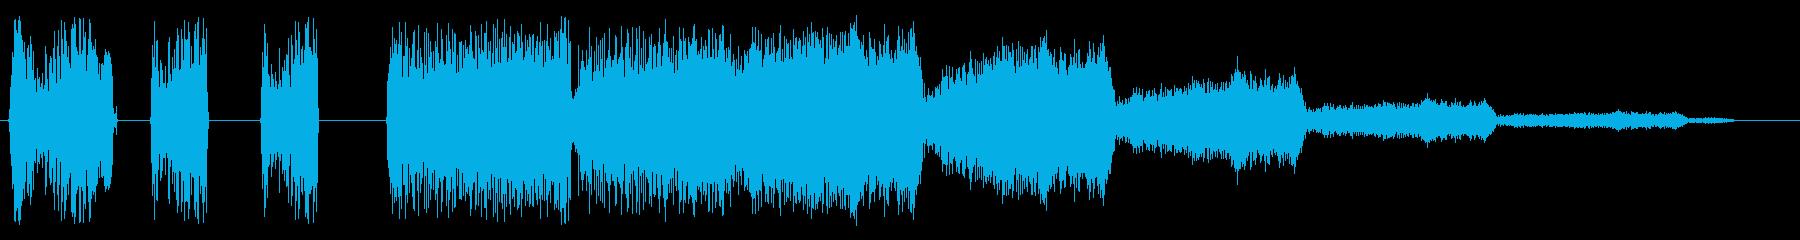 ピピピシュワンシュワンの再生済みの波形